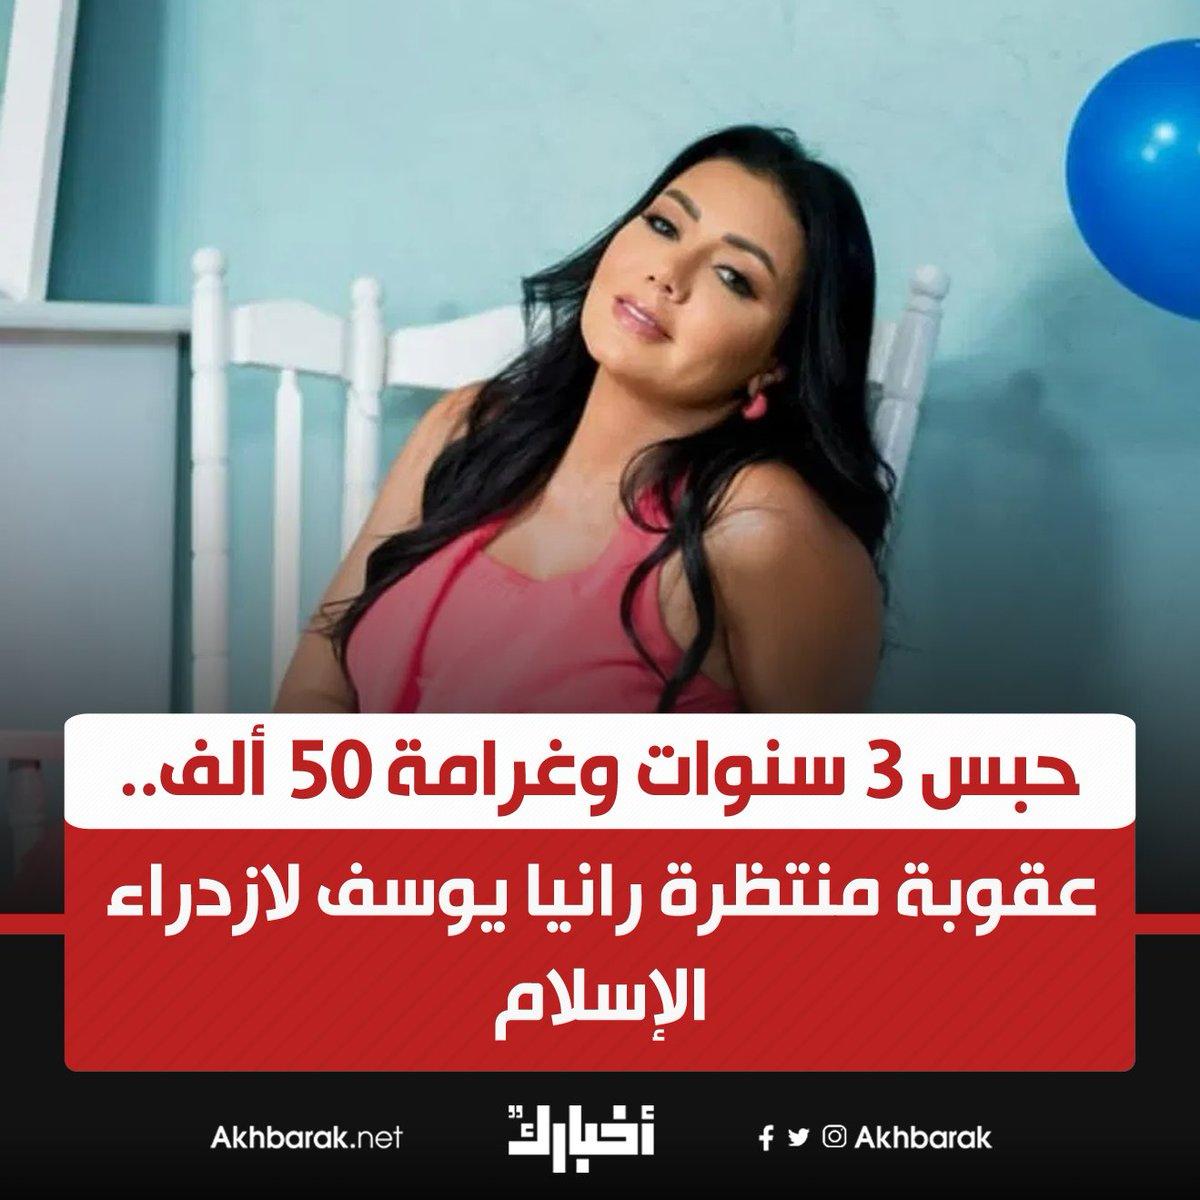 العقوبة المقررة على الفنانة رانيا يوسف حال إدانتها المصدر المصري اليوم